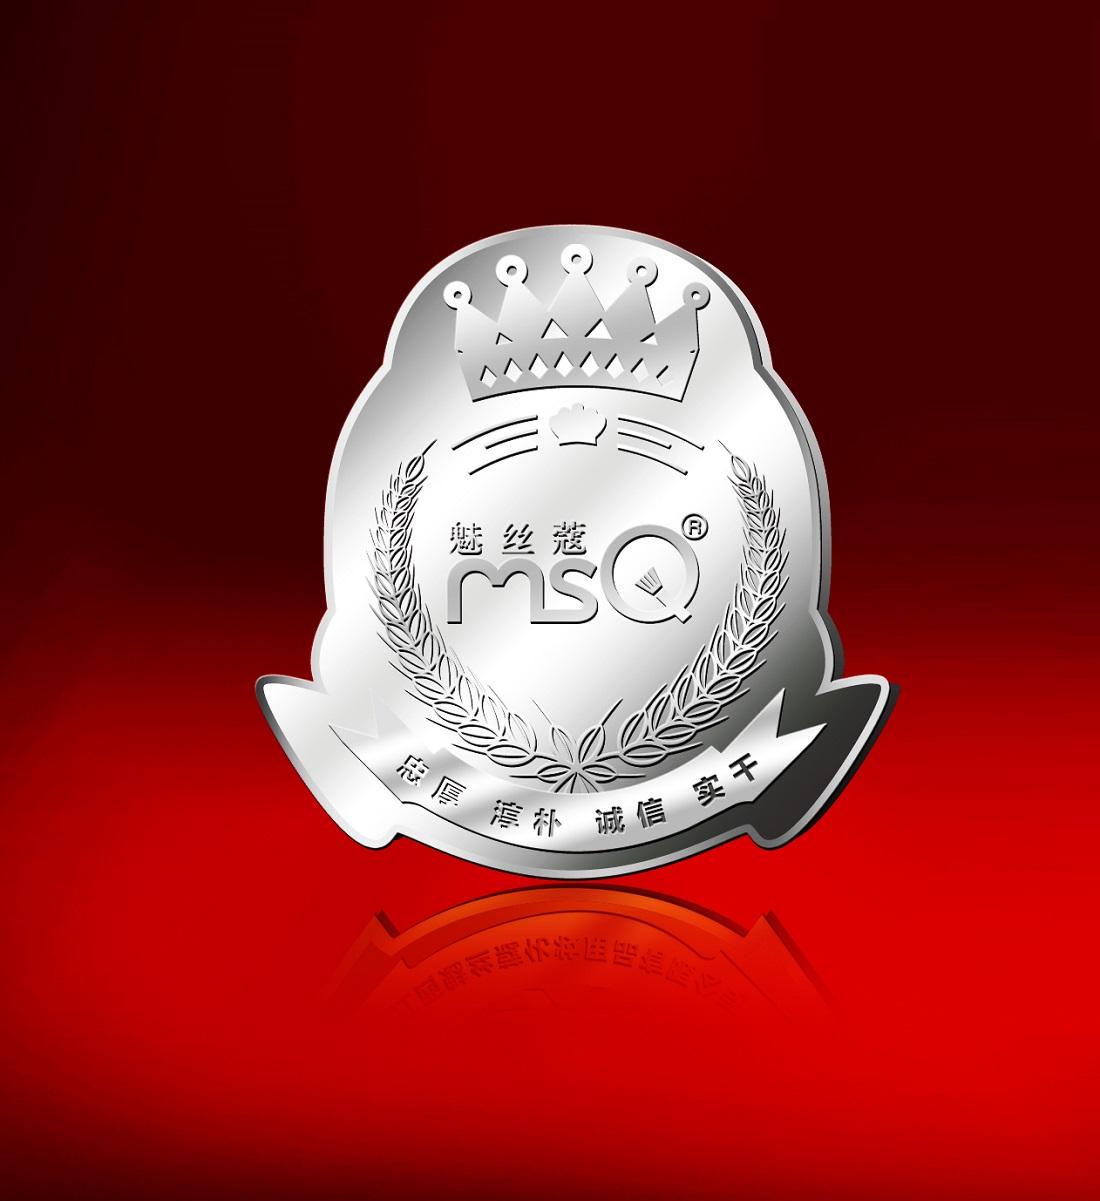 为什么大企业公司都喜欢定制logo形象金属纪念章